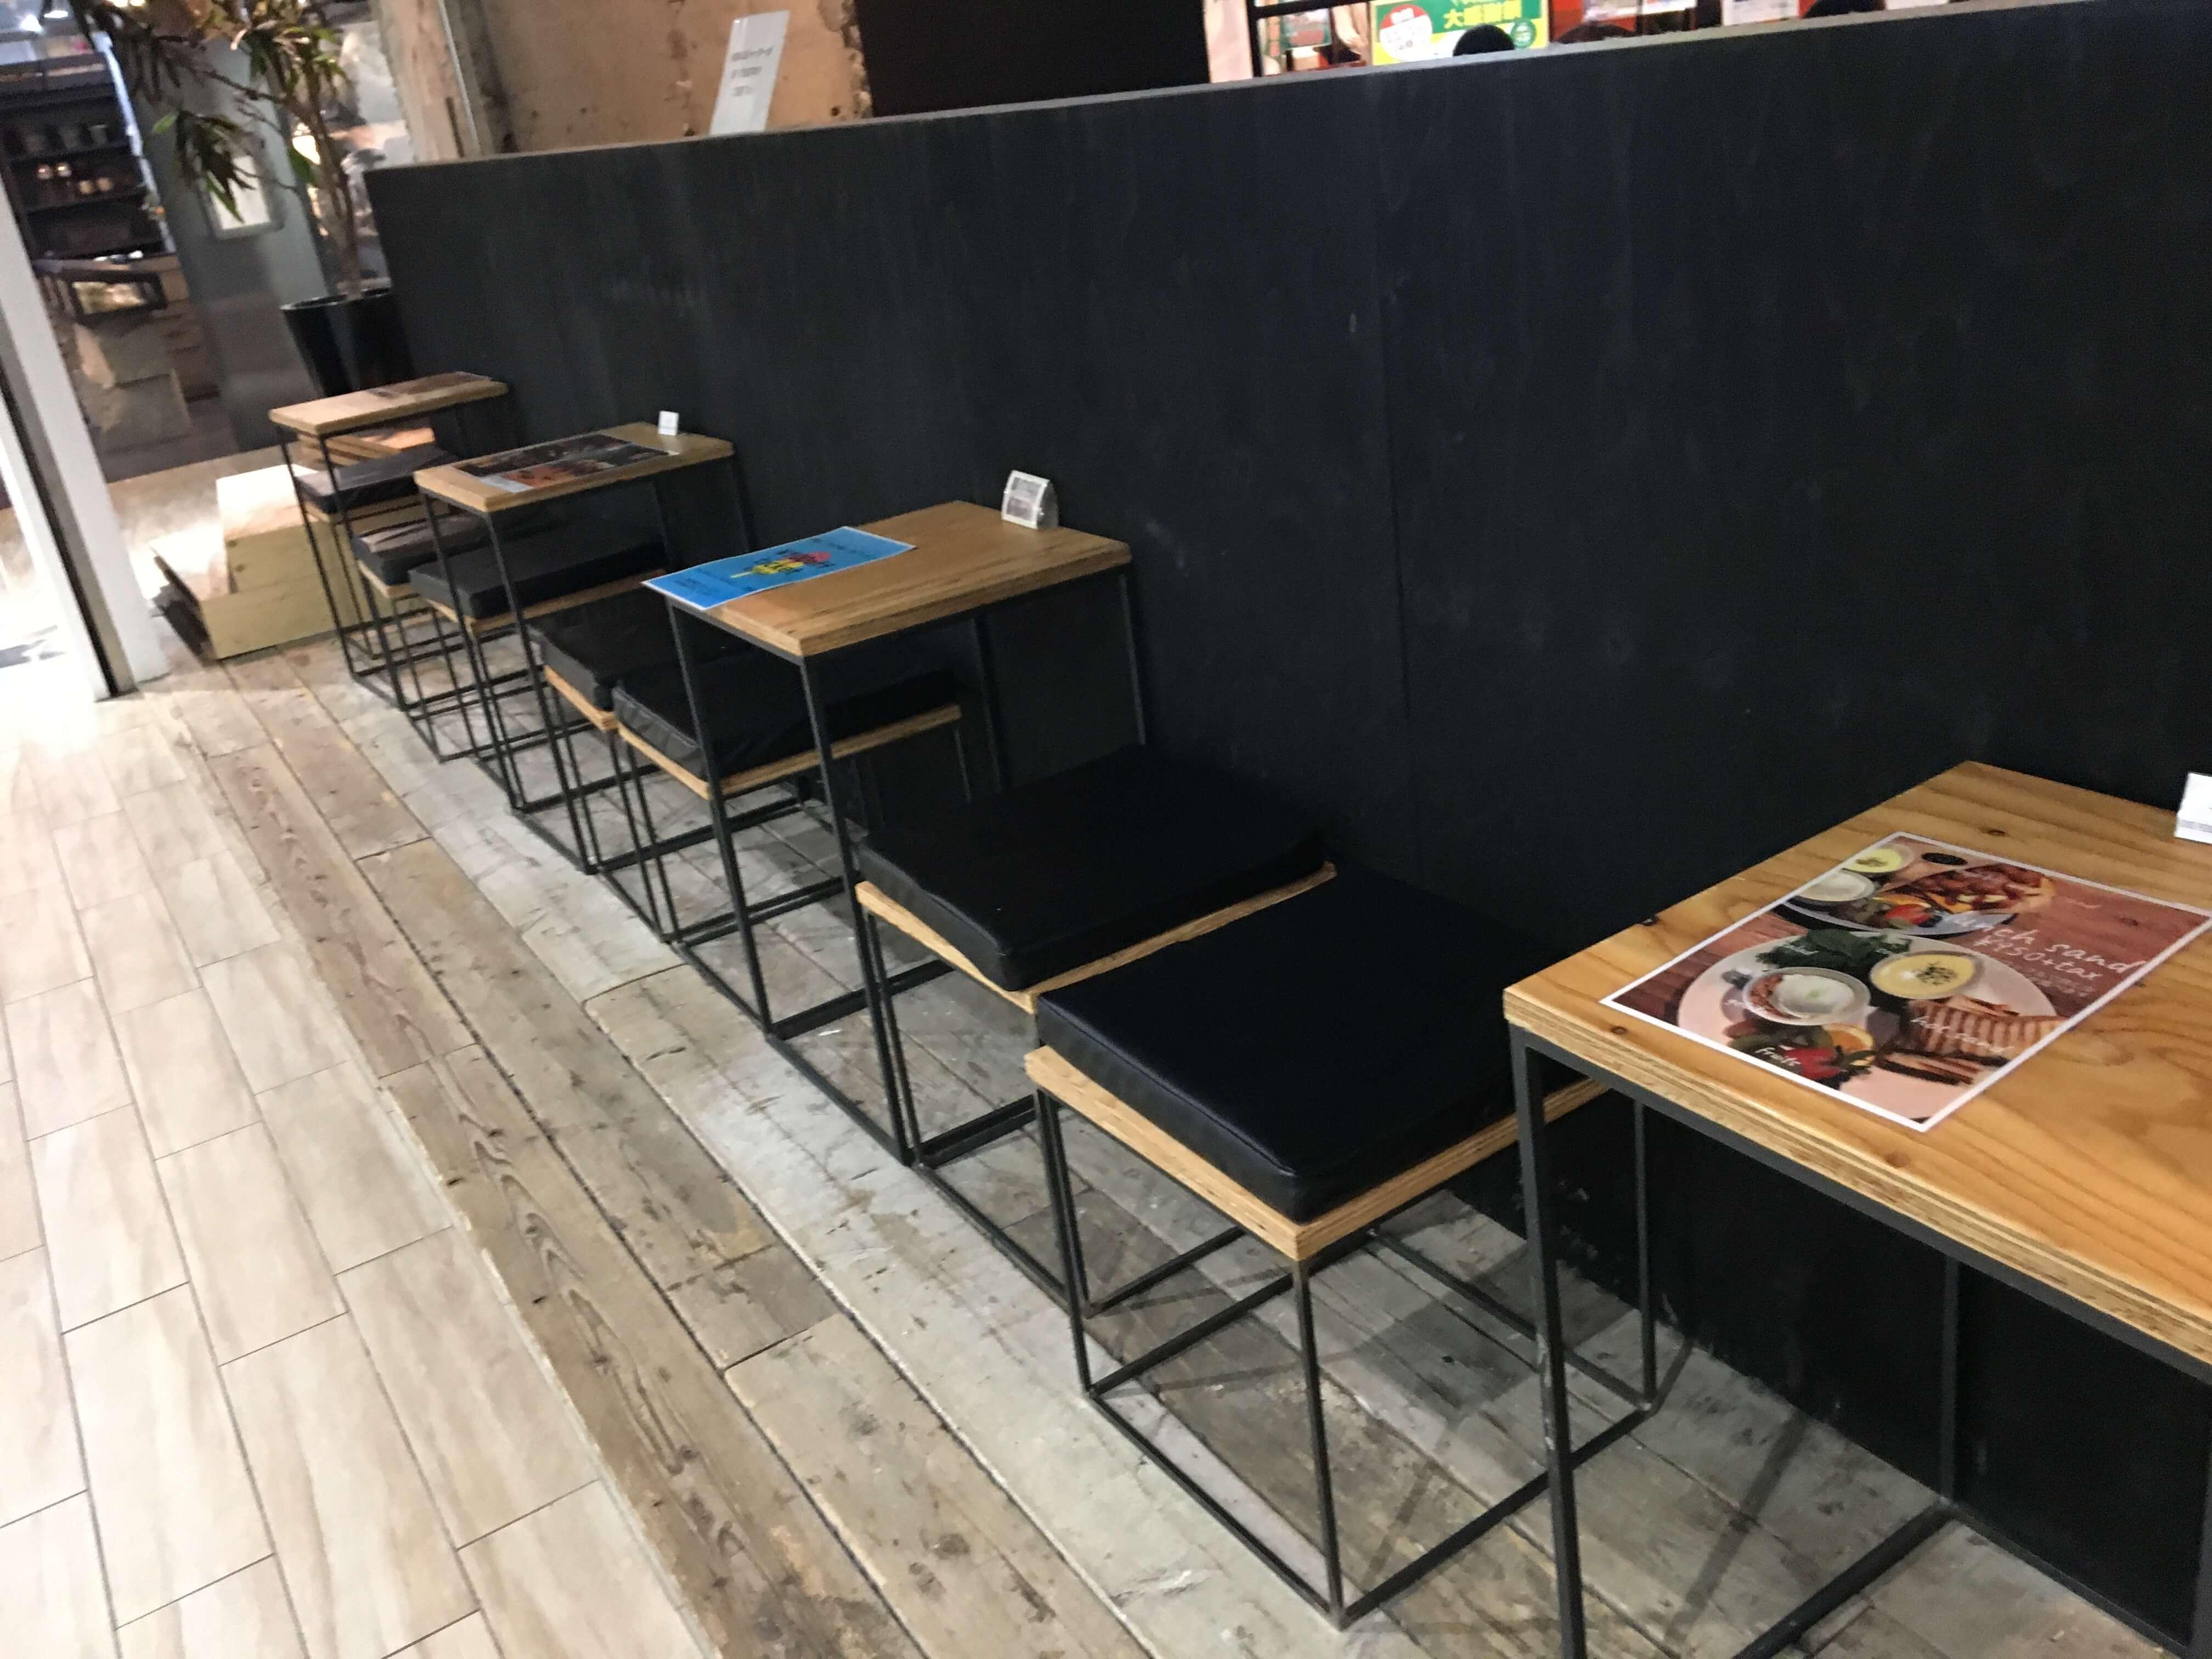 JB ESPRESSO MORIHICO.+D(ジェイビー エスプレッソ モリヒコ プラスディー)の店には2人掛けのテーブル席もあり